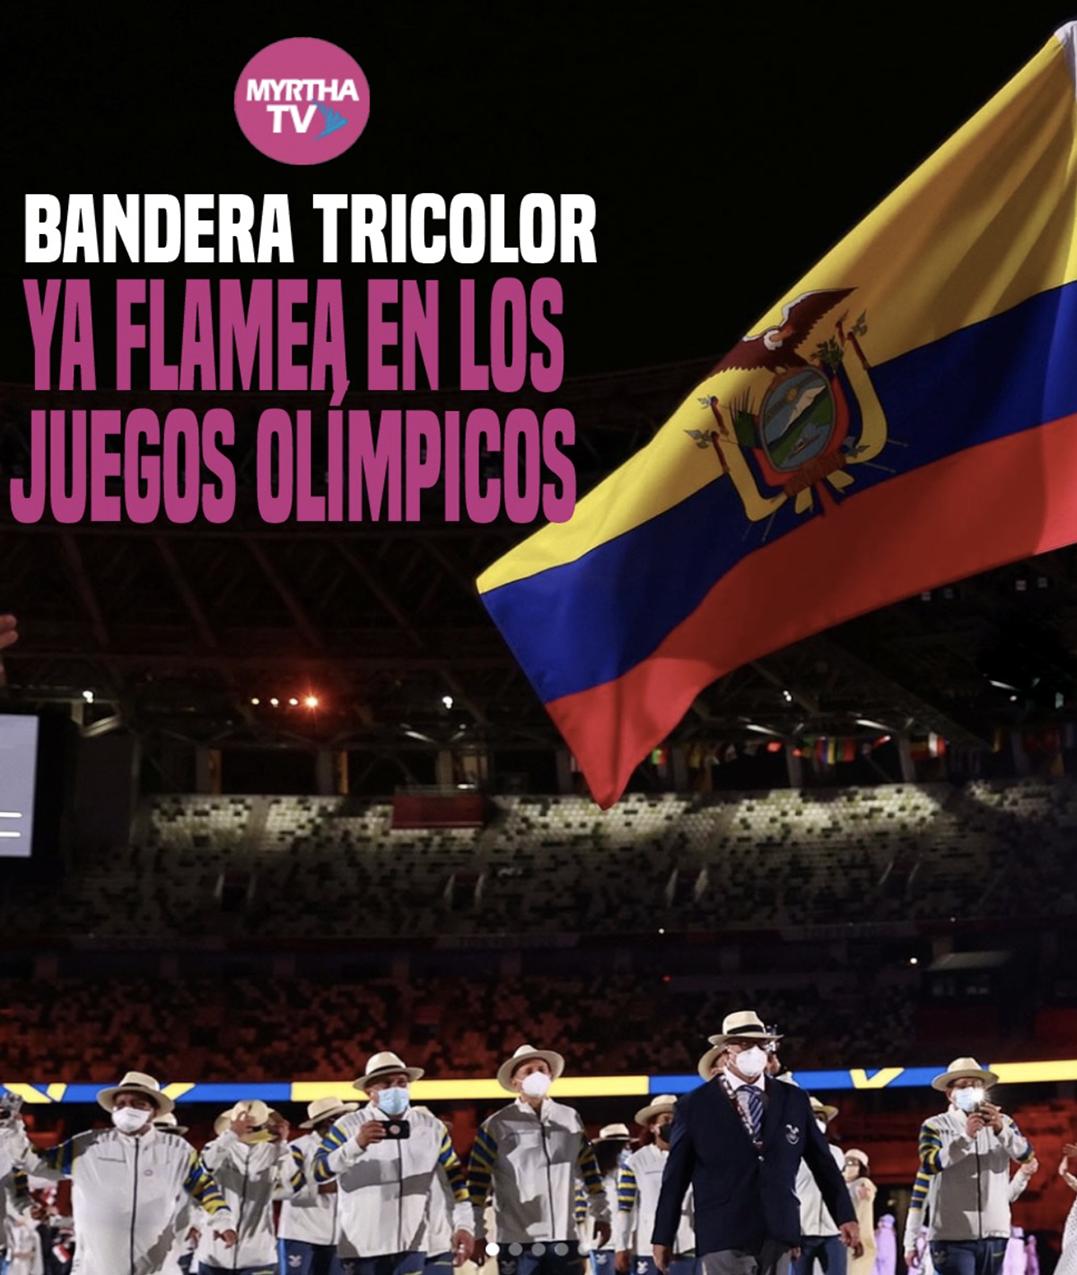 BANDERA TRICOLORYA FLAMEA EN LOS  JUEGOS OLÍMPICOS